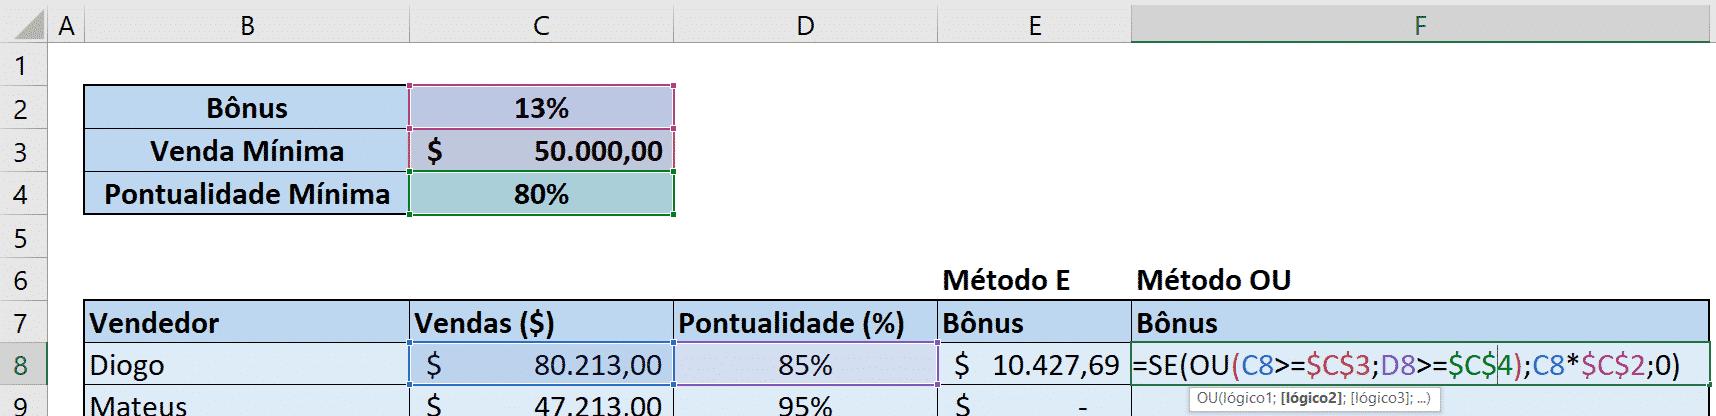 Fórmula SE + Fórmula OU